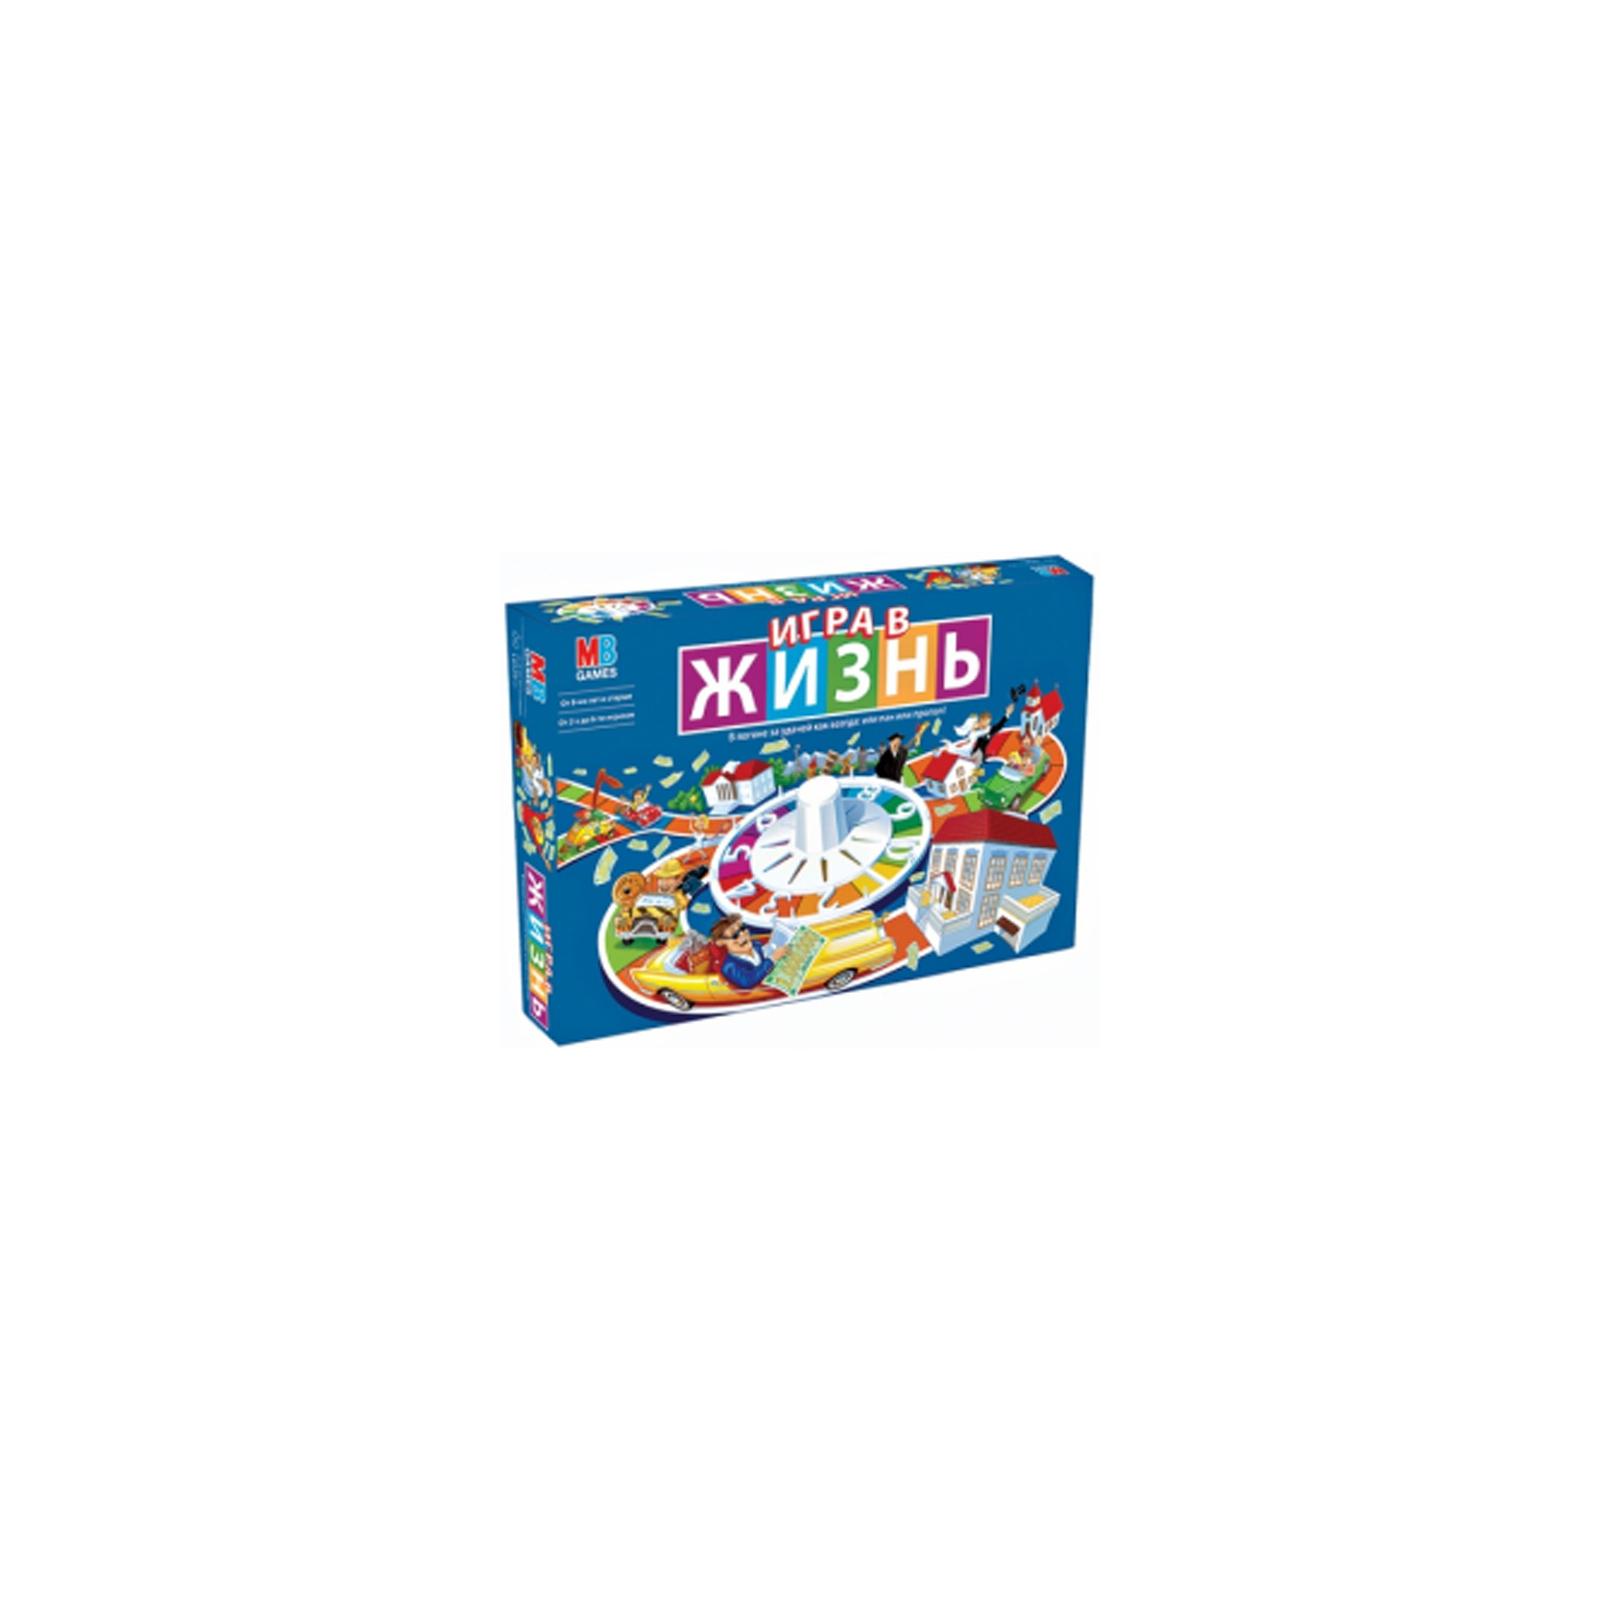 Настольная игра Hasbro Игра в жизнь руский язык (4000121)